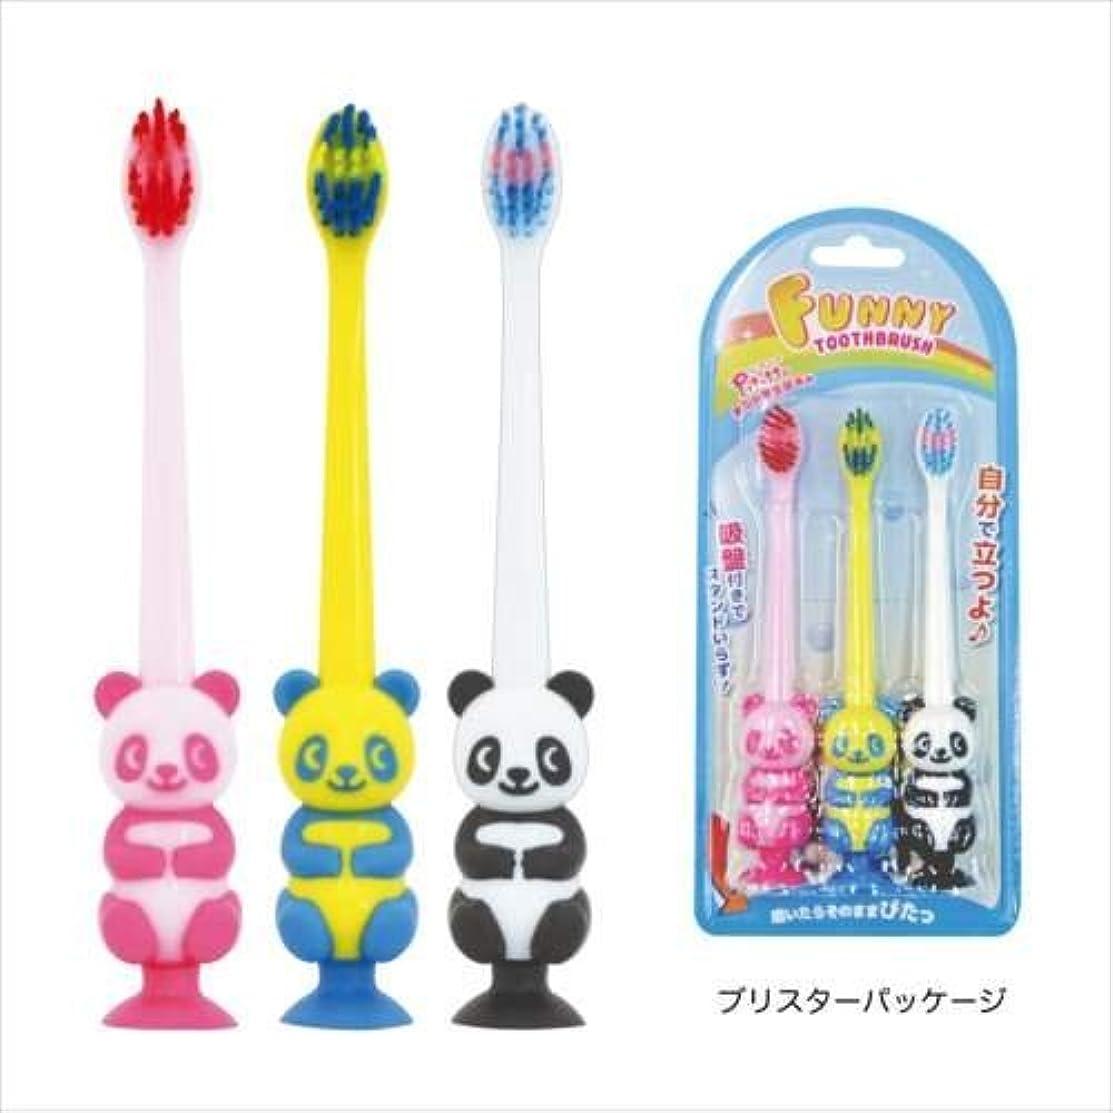 一月不良品回路ファニー歯ブラシ パンダ 3本セット